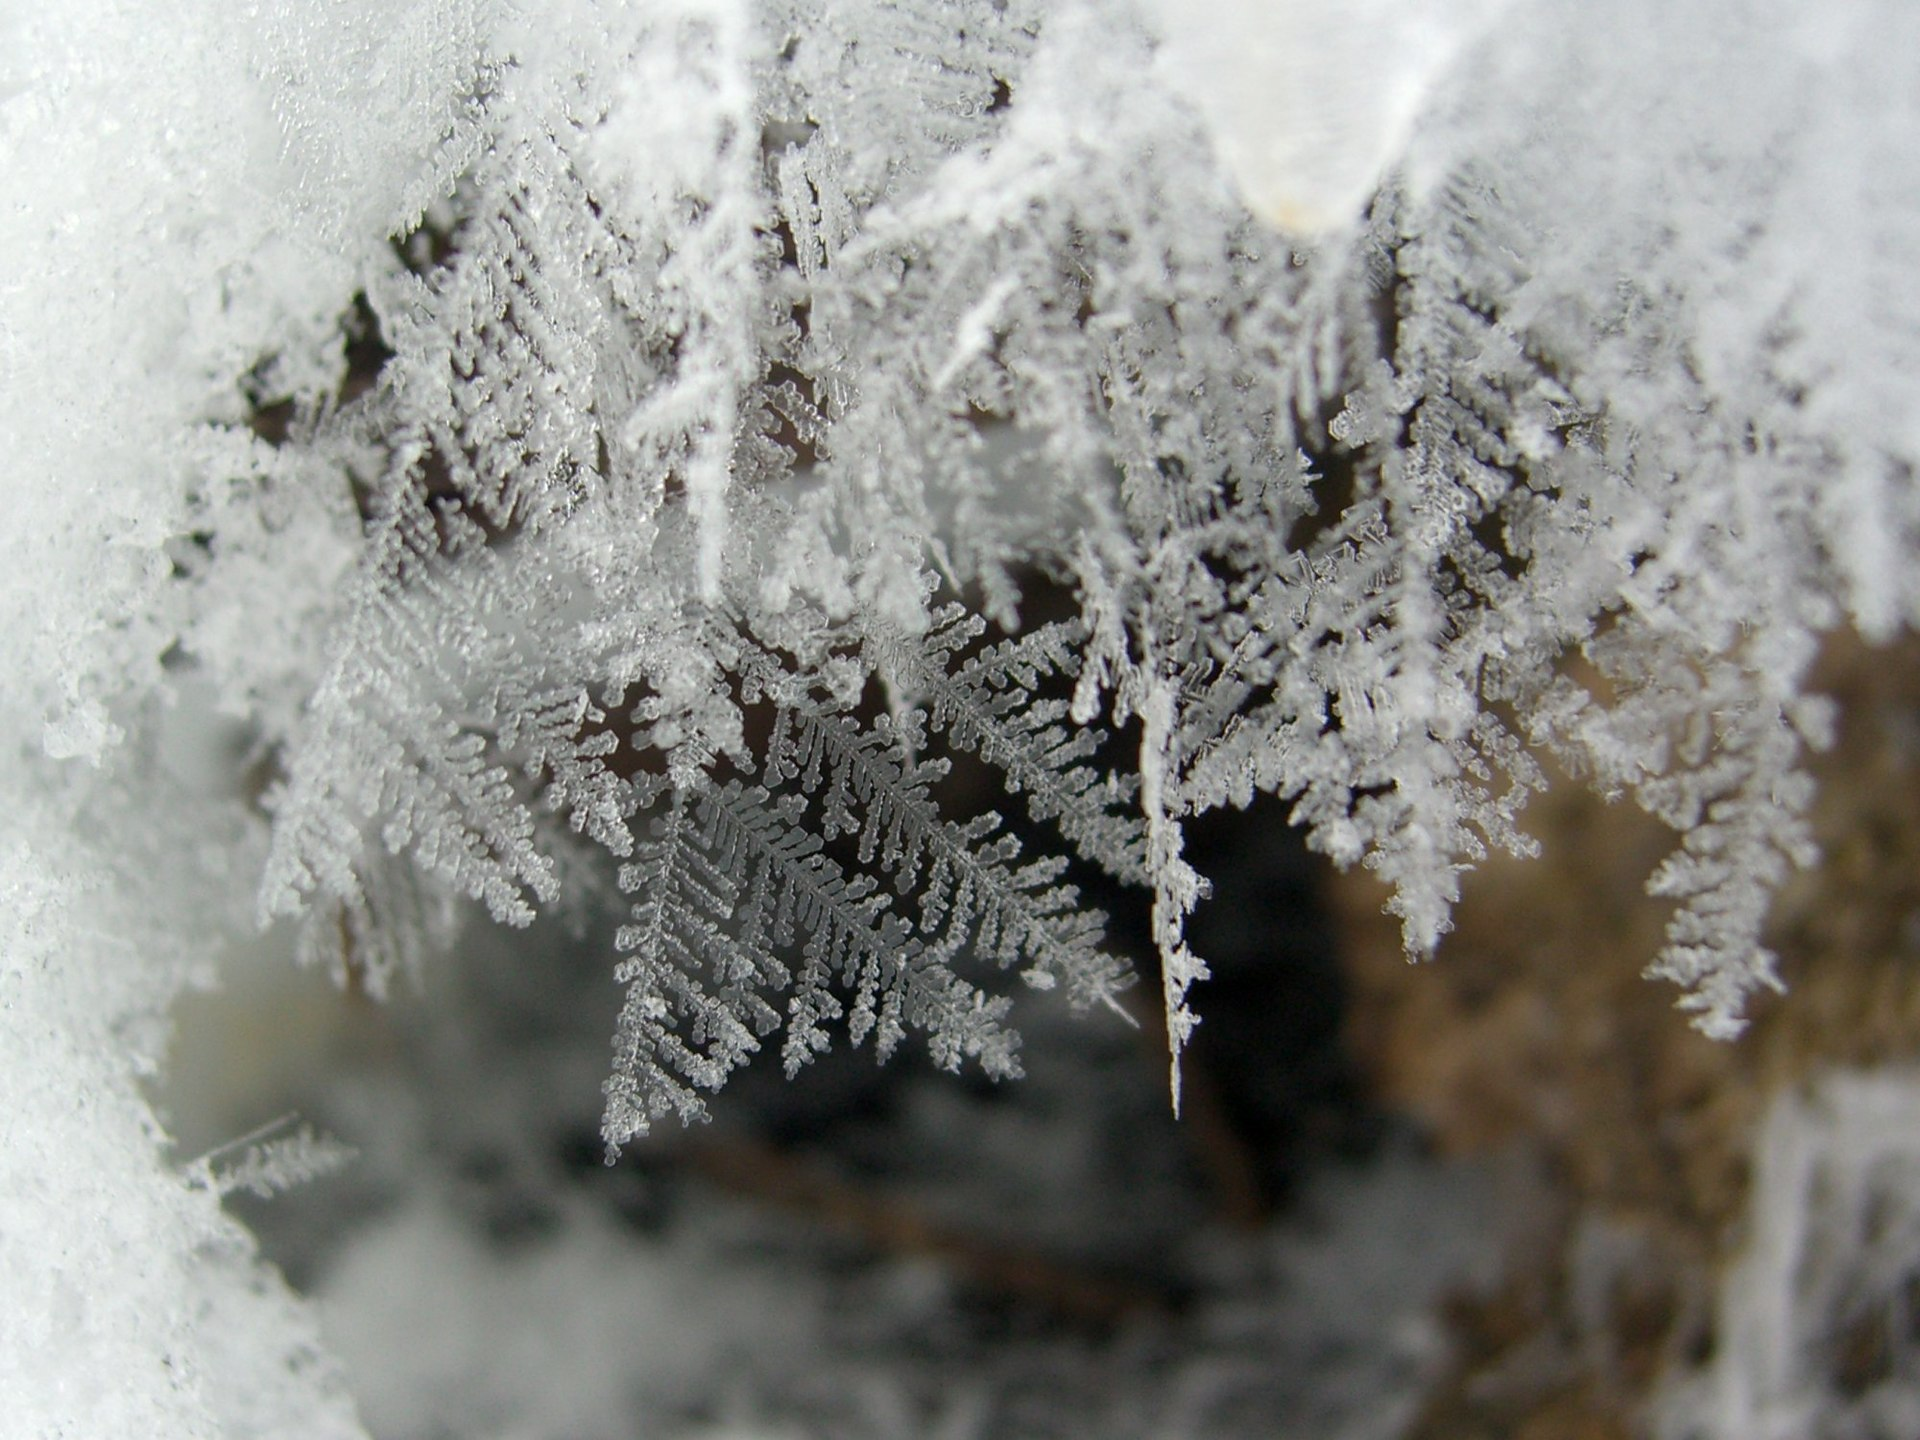 Fall Mist Wallpaper Snowflake Wikipedia